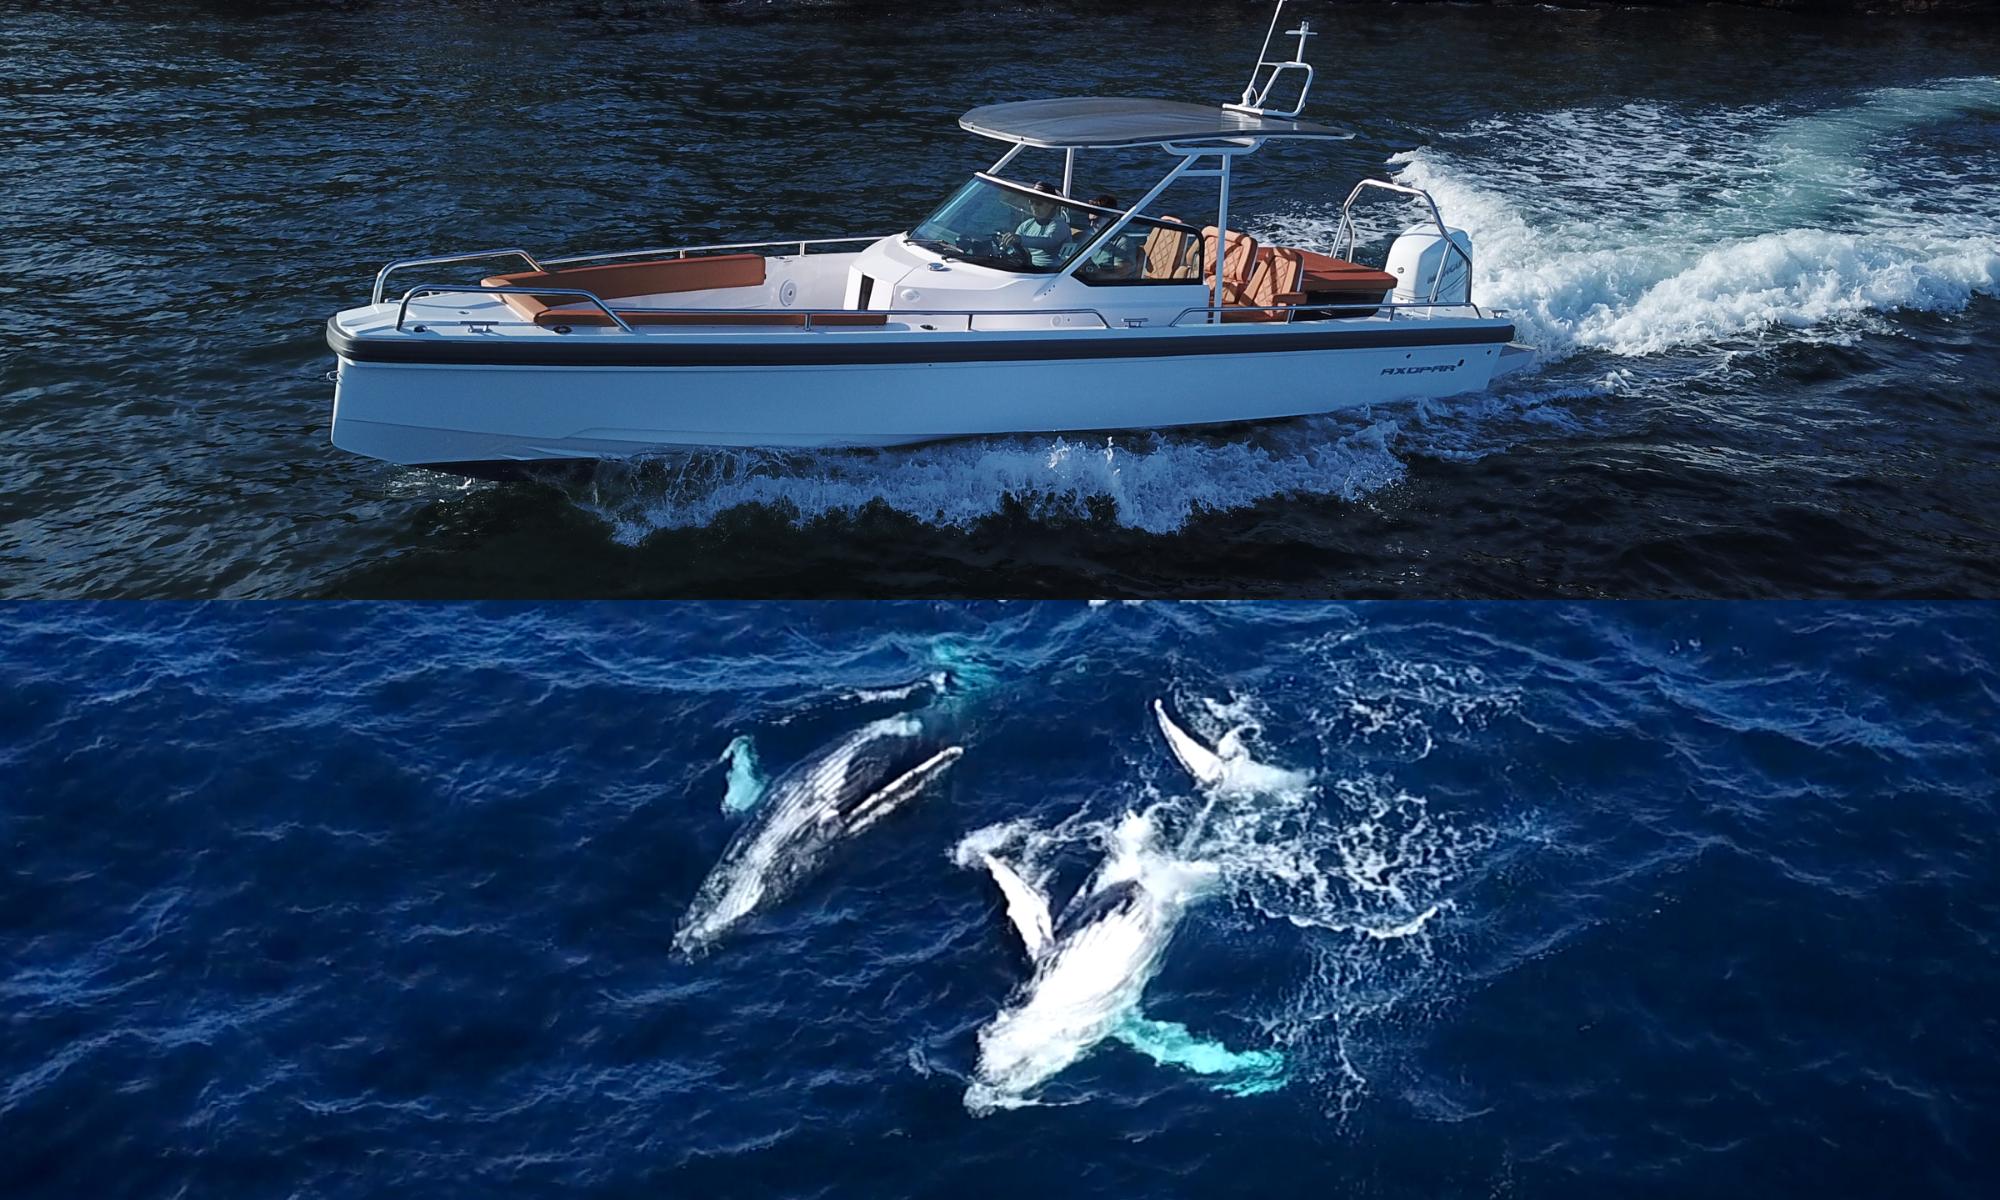 Whale watching onboard Axopar 28